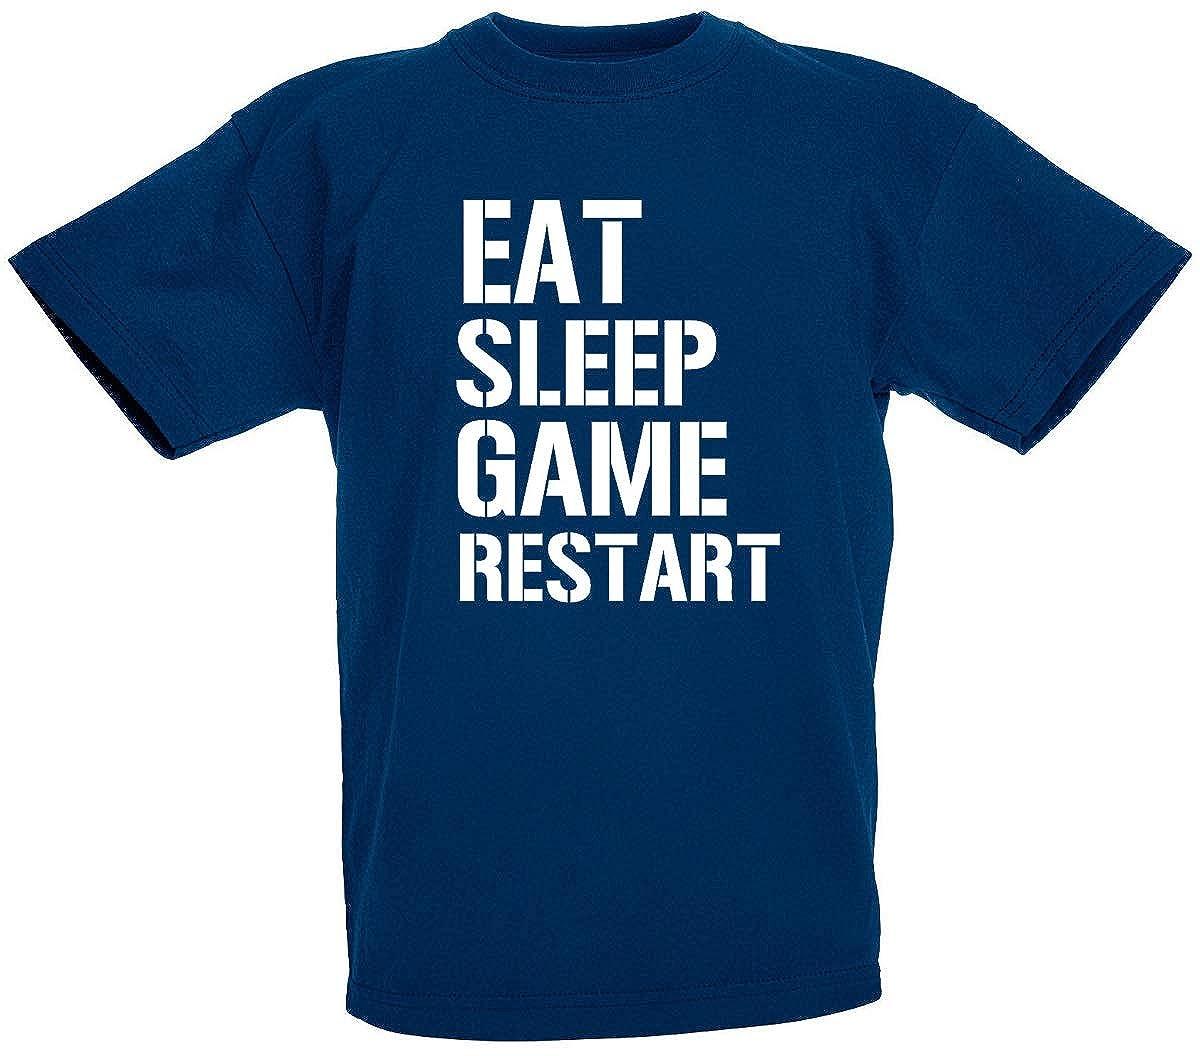 loltops Eat Sleep Game Restart Novelty T-Shirt for Boys, Teens